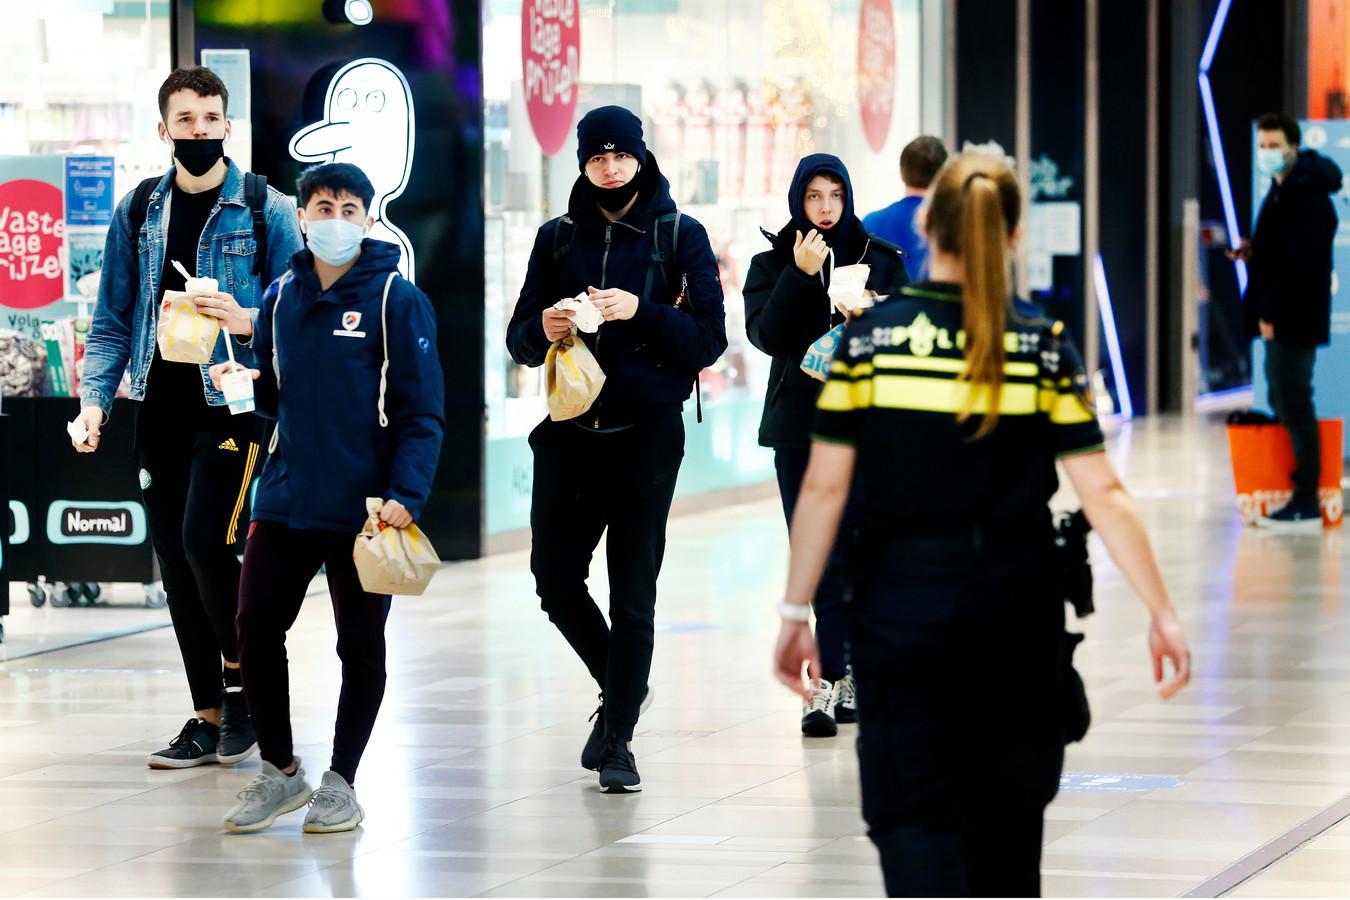 Nog niet iedereen weet dat het dragen van een mondkapje, ook buiten de winkels in Hoog Catharijne, verplicht is vanaf vandaag.